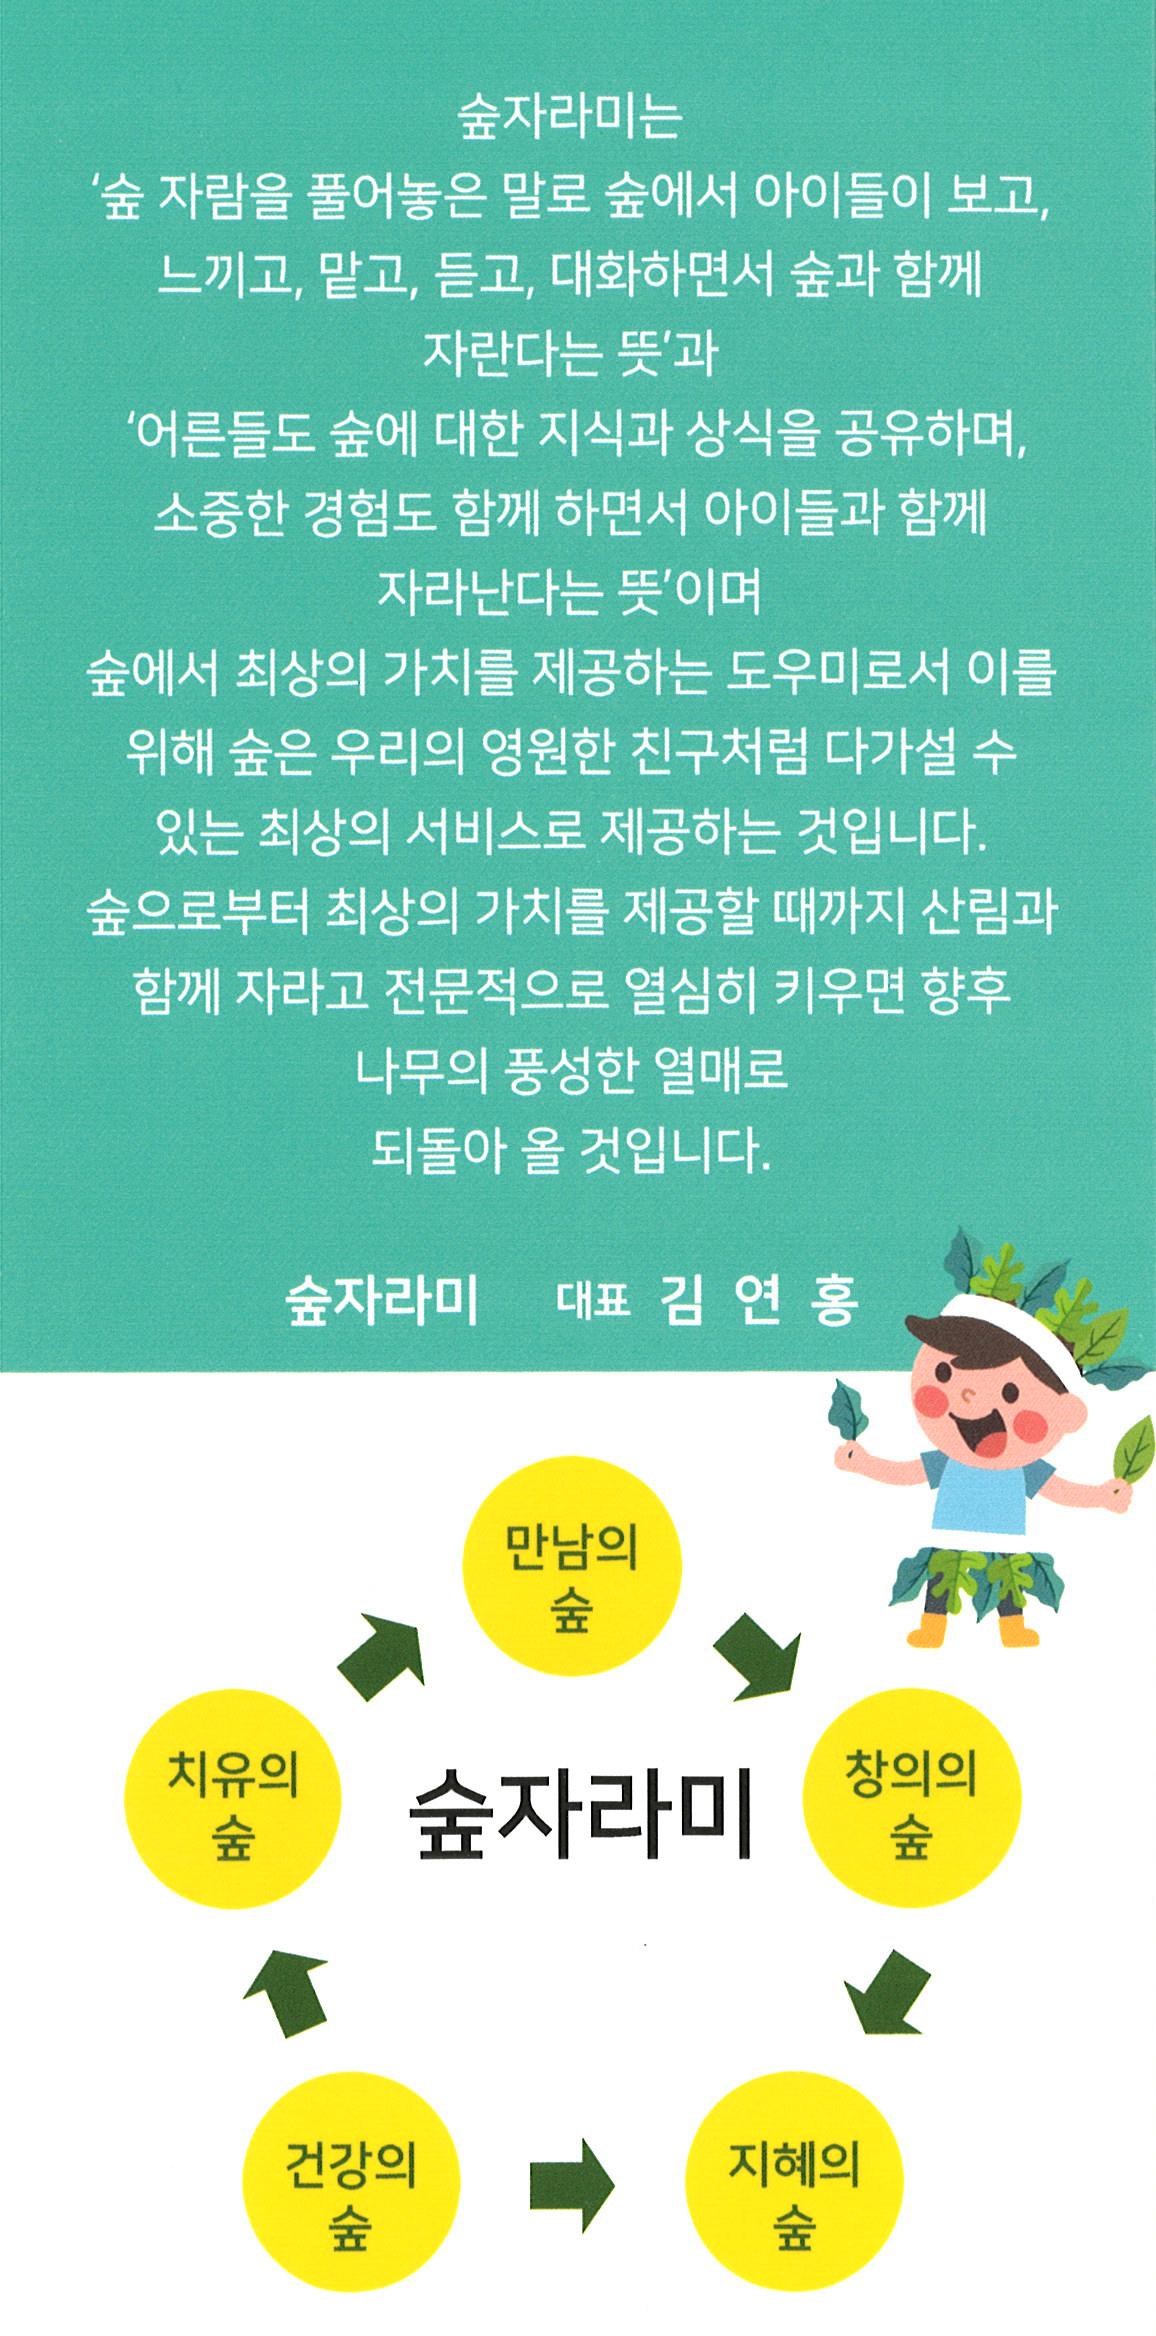 숲자라미 소개.jpg